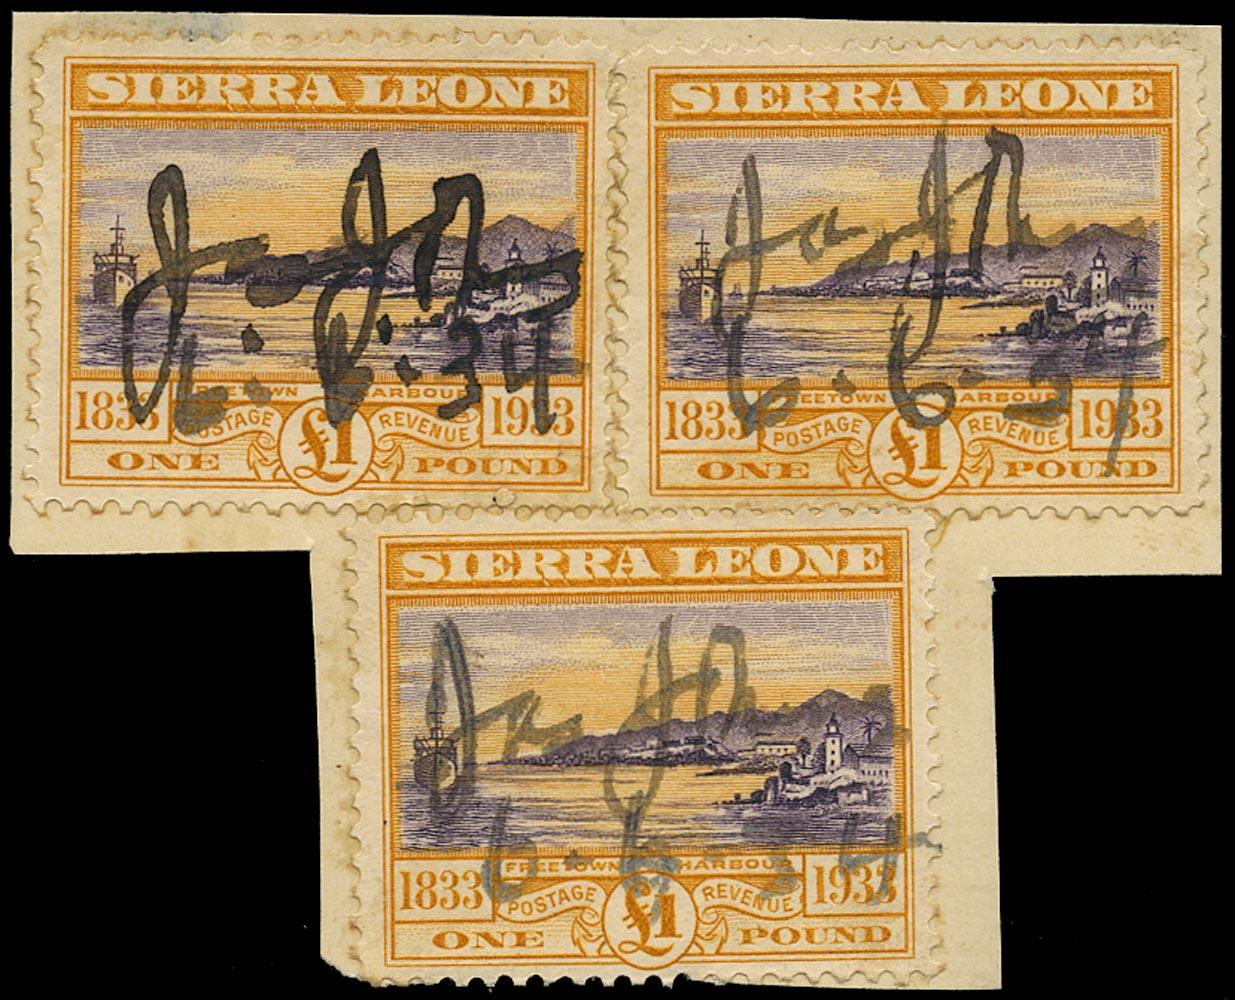 SIERRA LEONE 1933  SG180 Used